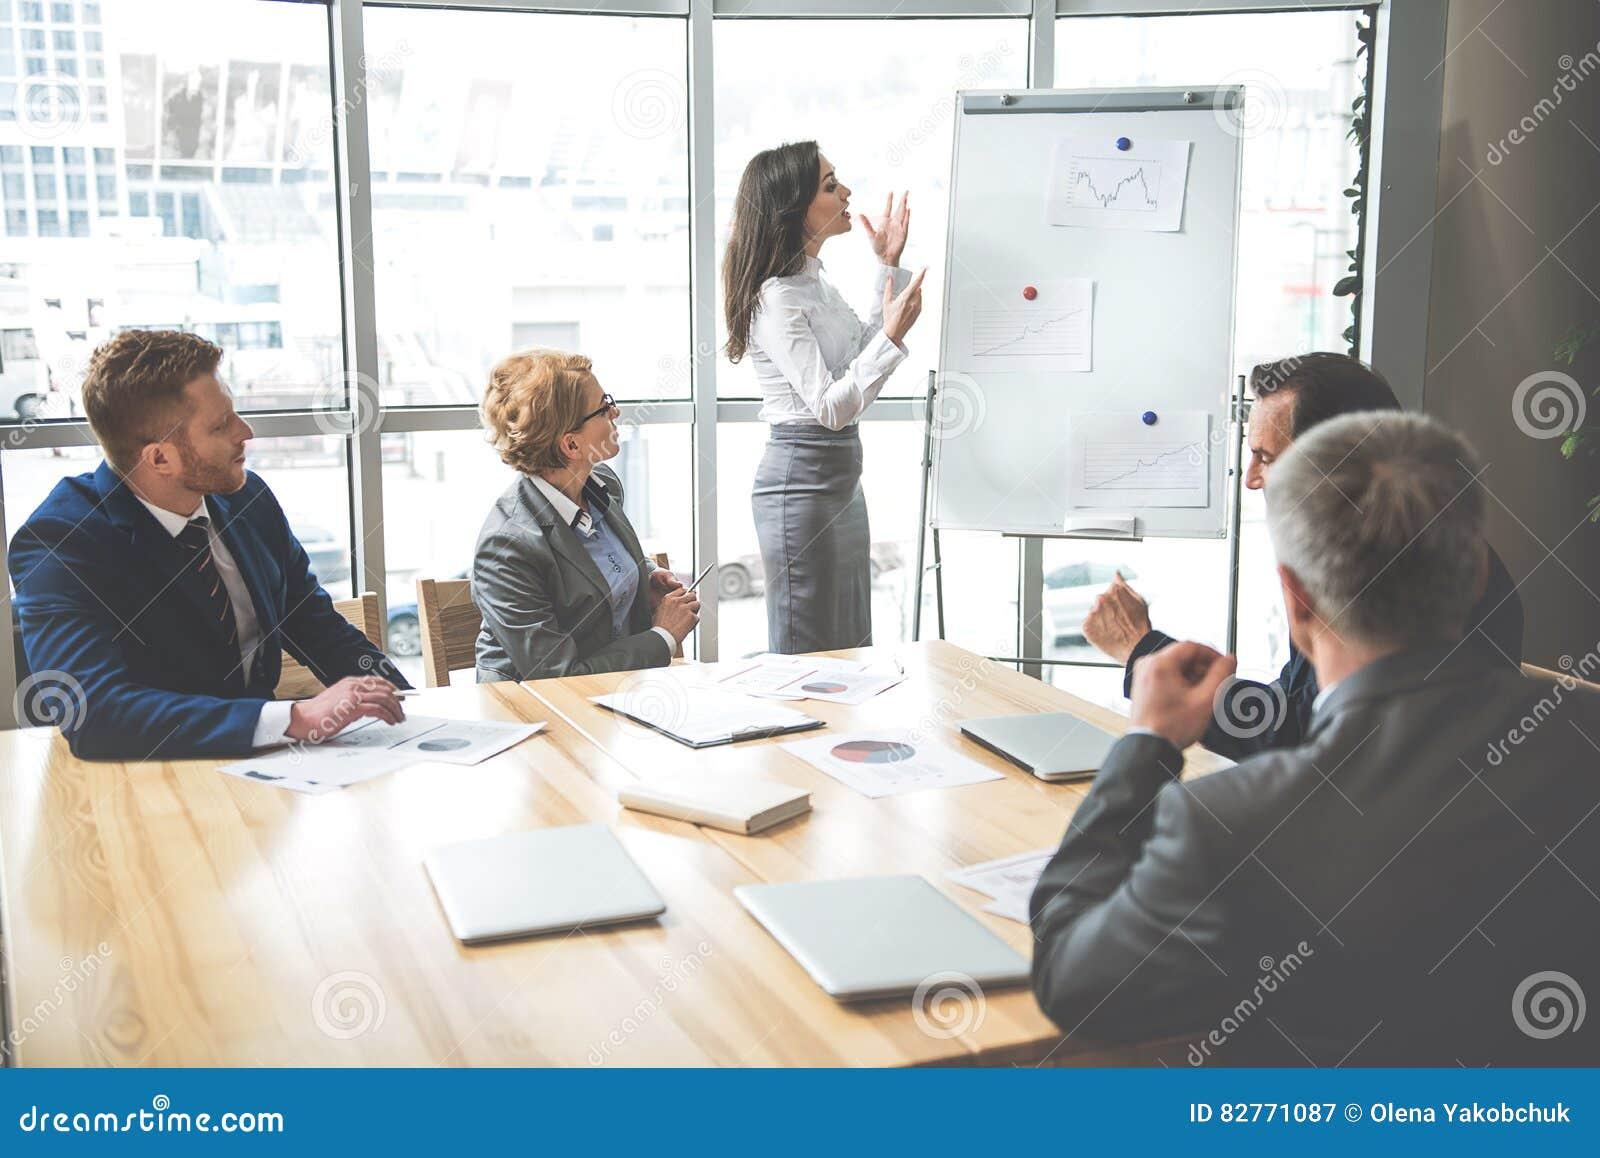 fda9e2fcc17be Las mujeres jovenes confiadas se están colocando cerca del tablero y de  hablar El grupo de trabajadores está escuchando ella